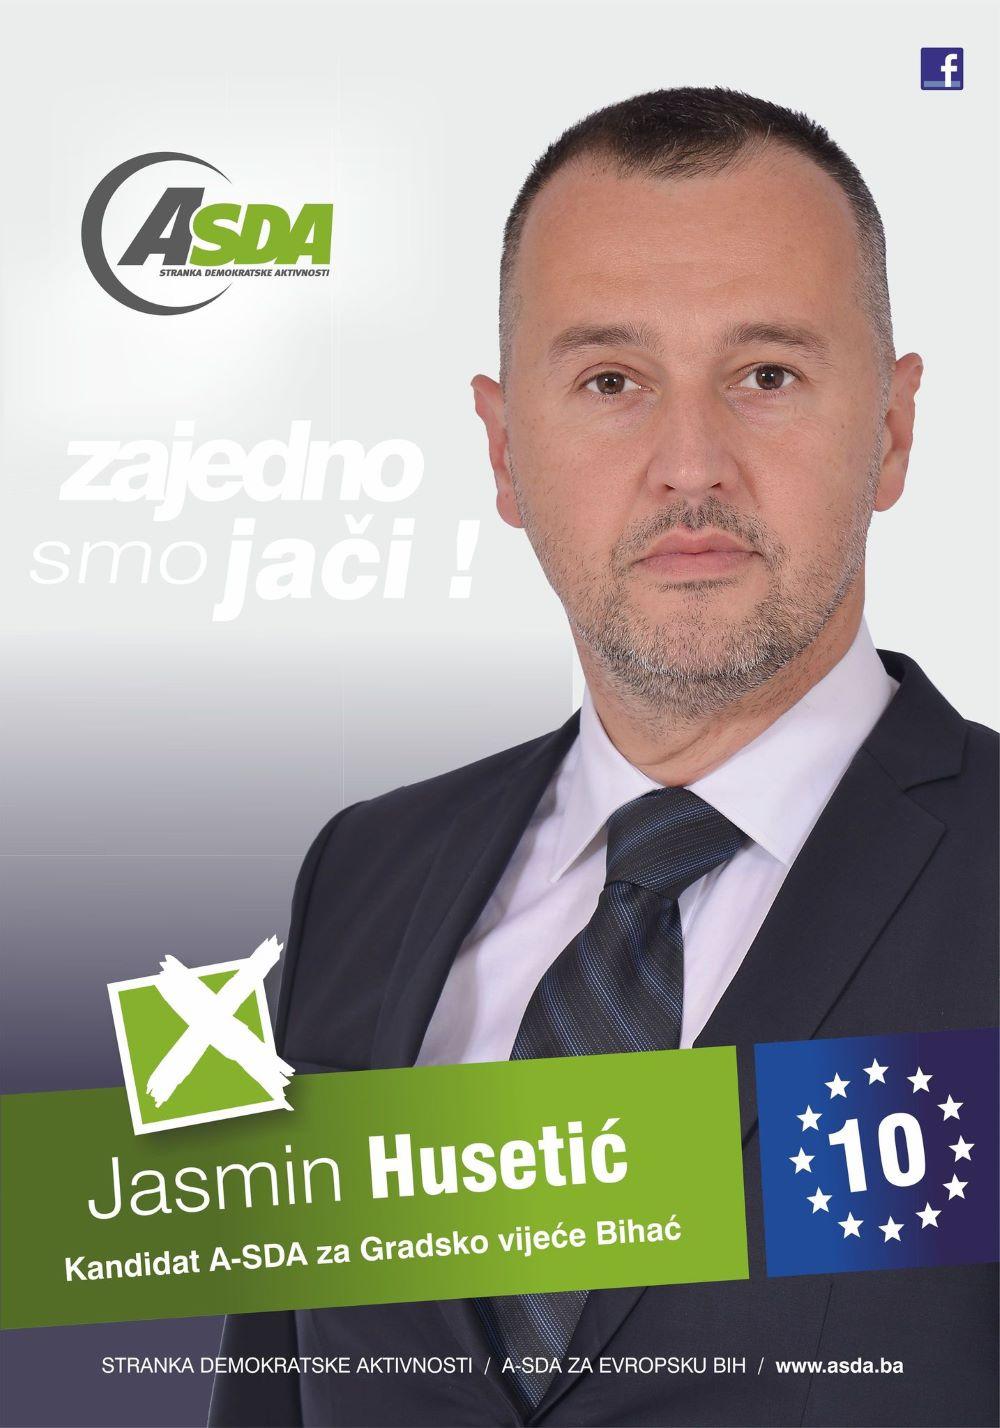 Jasmin Husetić